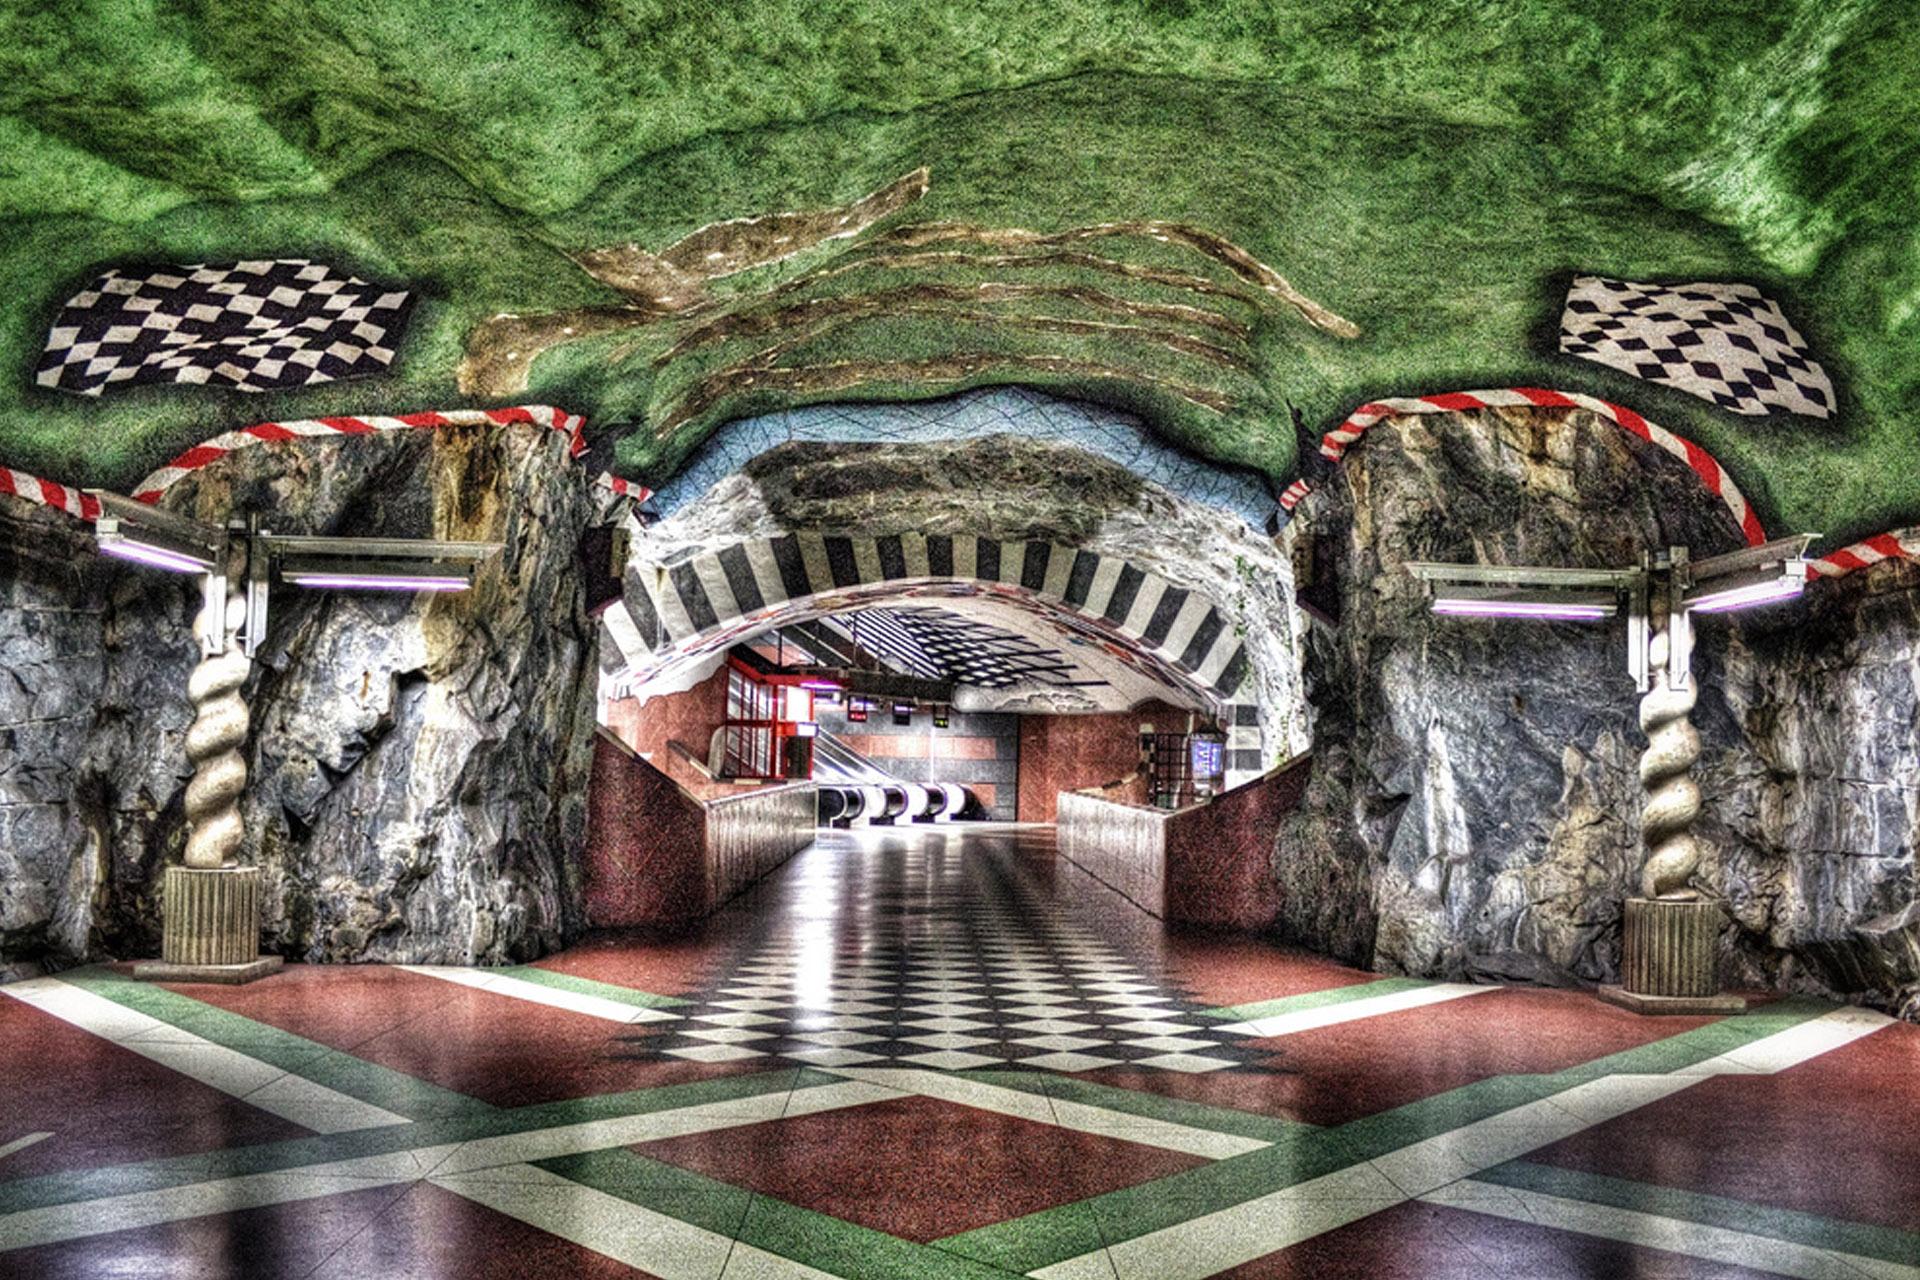 Stații de metrou spectaculoase din lume. Kungstradgarden, Stockholm, Suedia